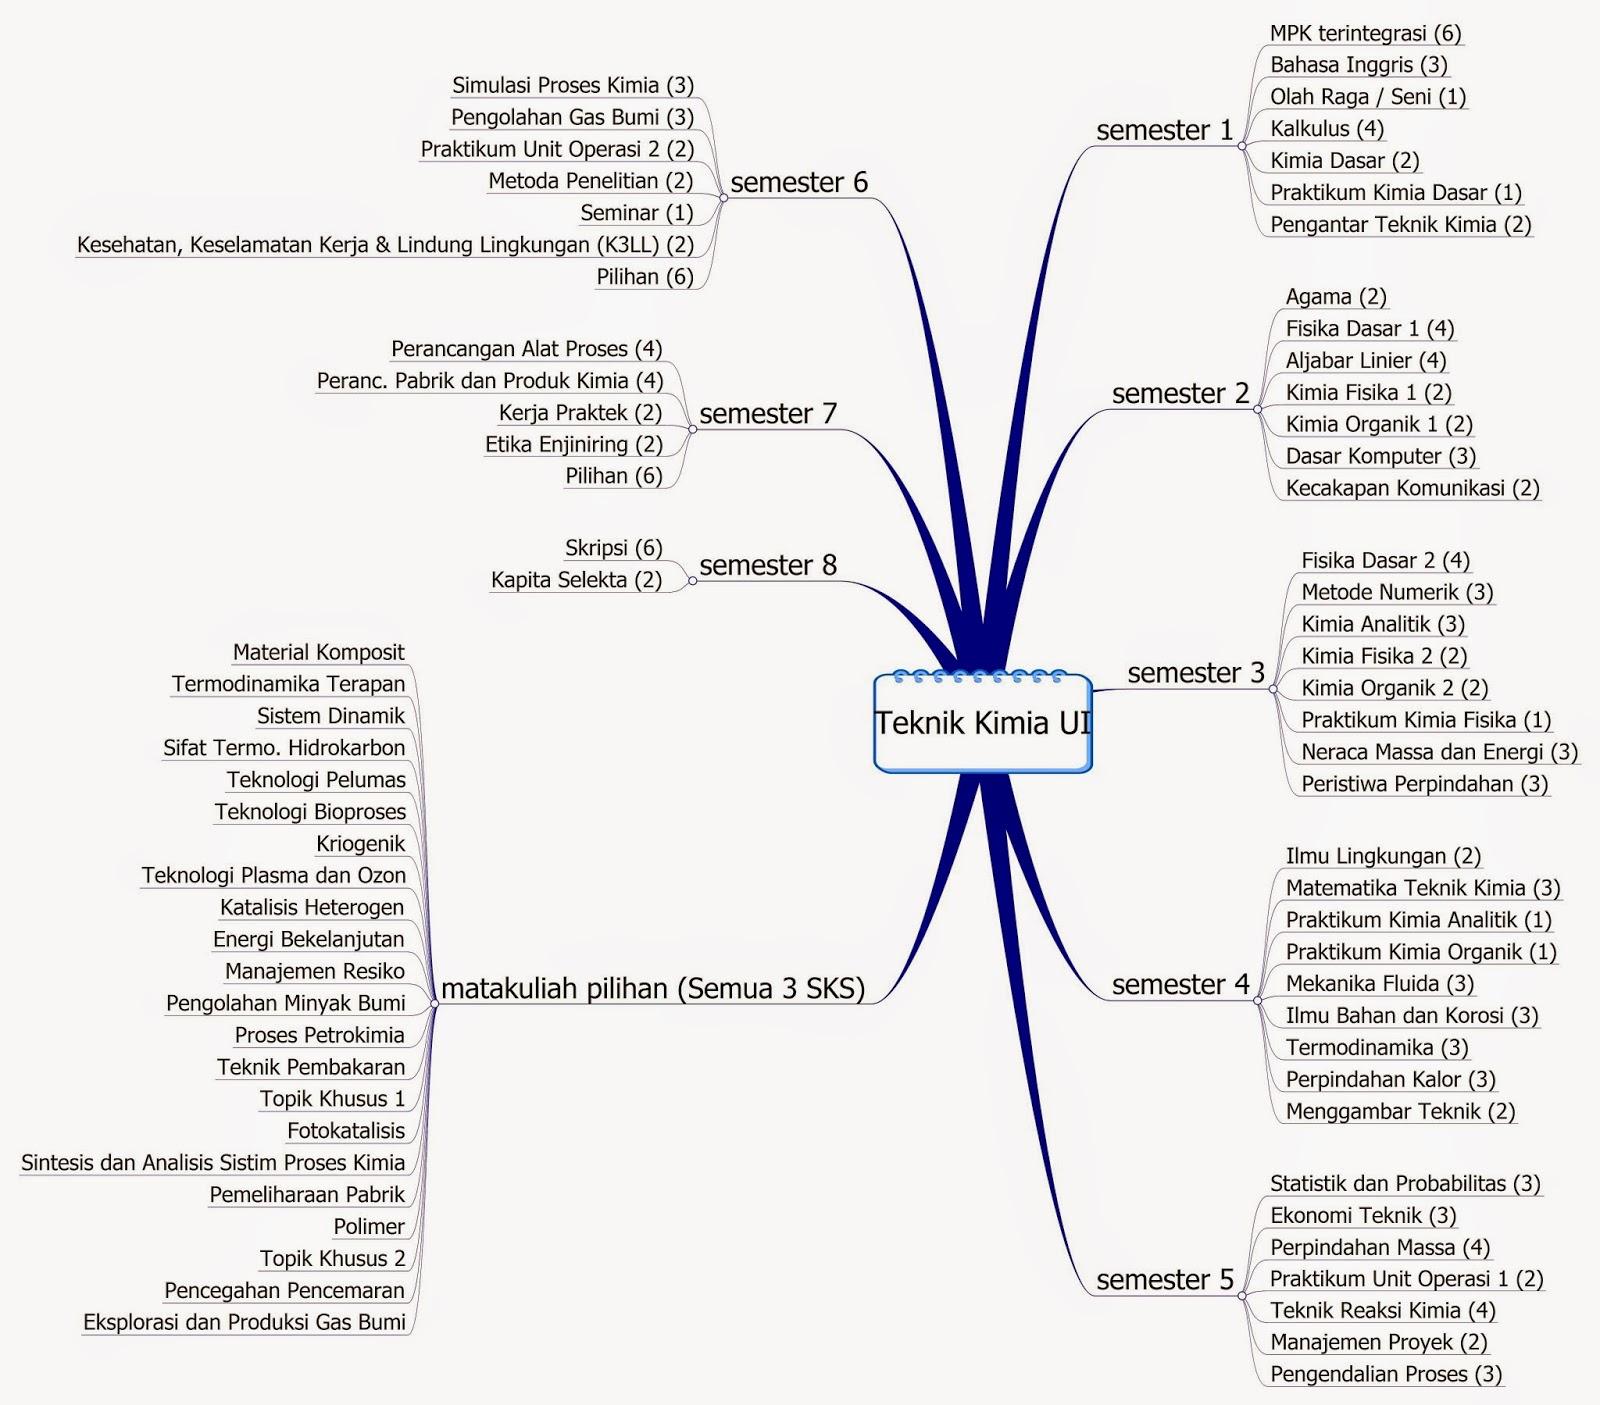 Teknik kimia ui student career planner teknik kimia ui ccuart Choice Image